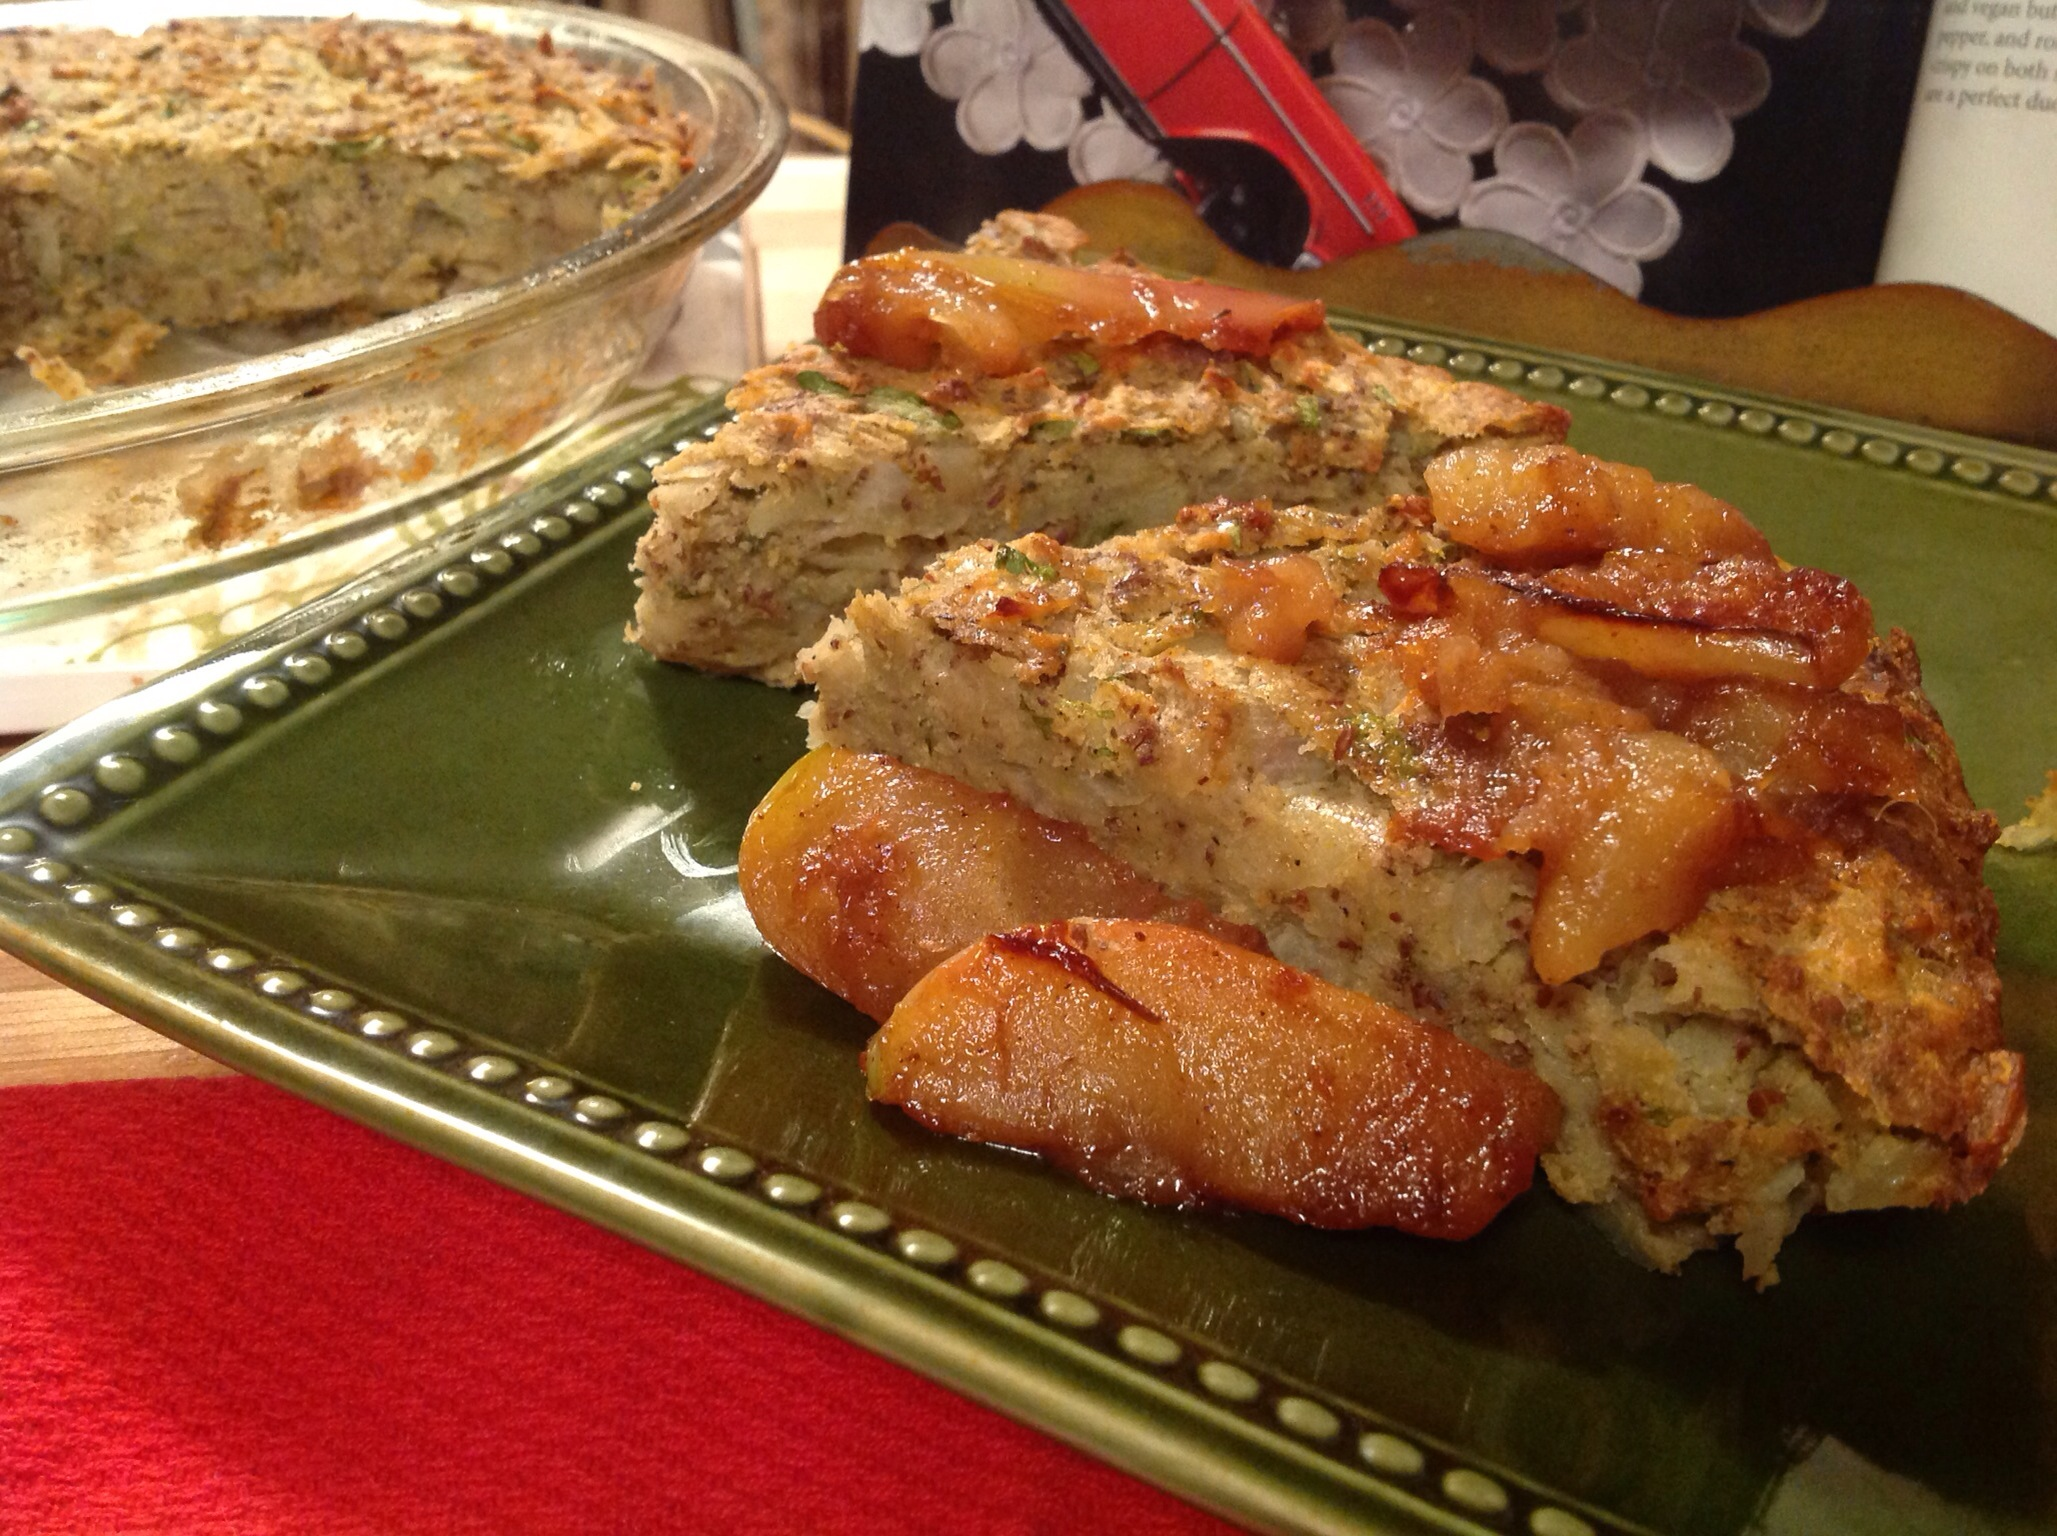 Potato Kugel With Sauteed Shallots Recipes — Dishmaps